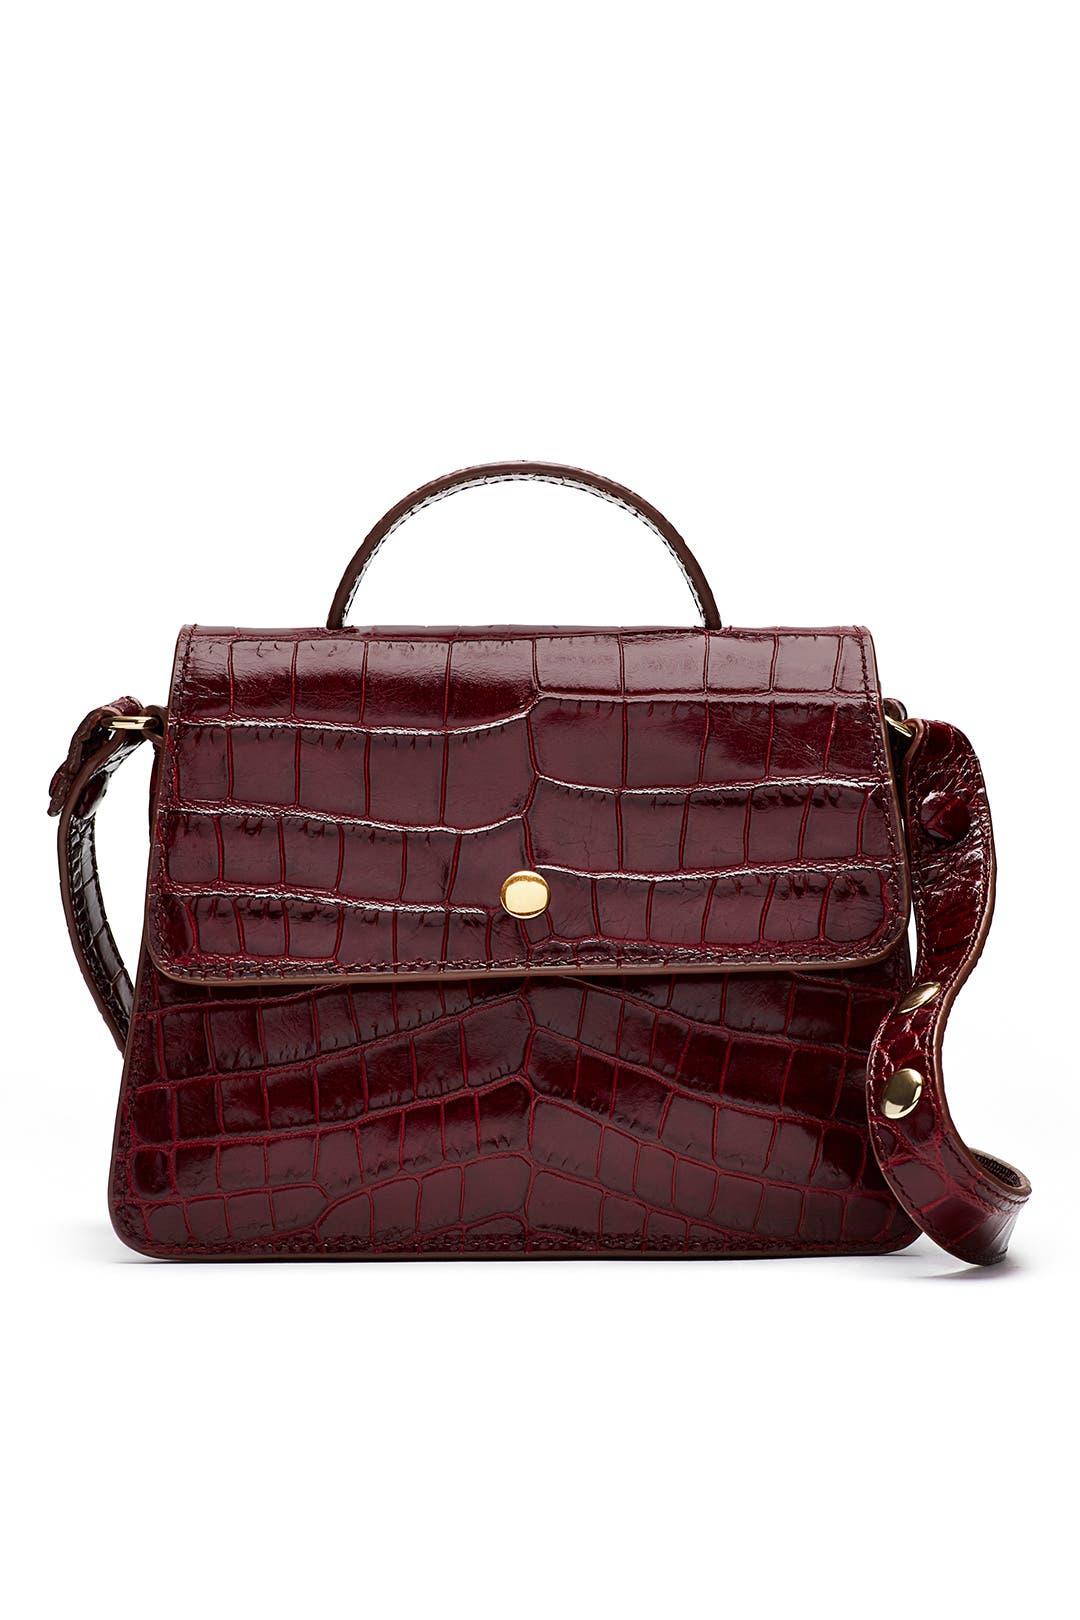 boutique Elizabeth & James Eloise Mini-sac Cartable En Rouge Bas Prix Rabais Vente Dernières Collections h1DzCc1K